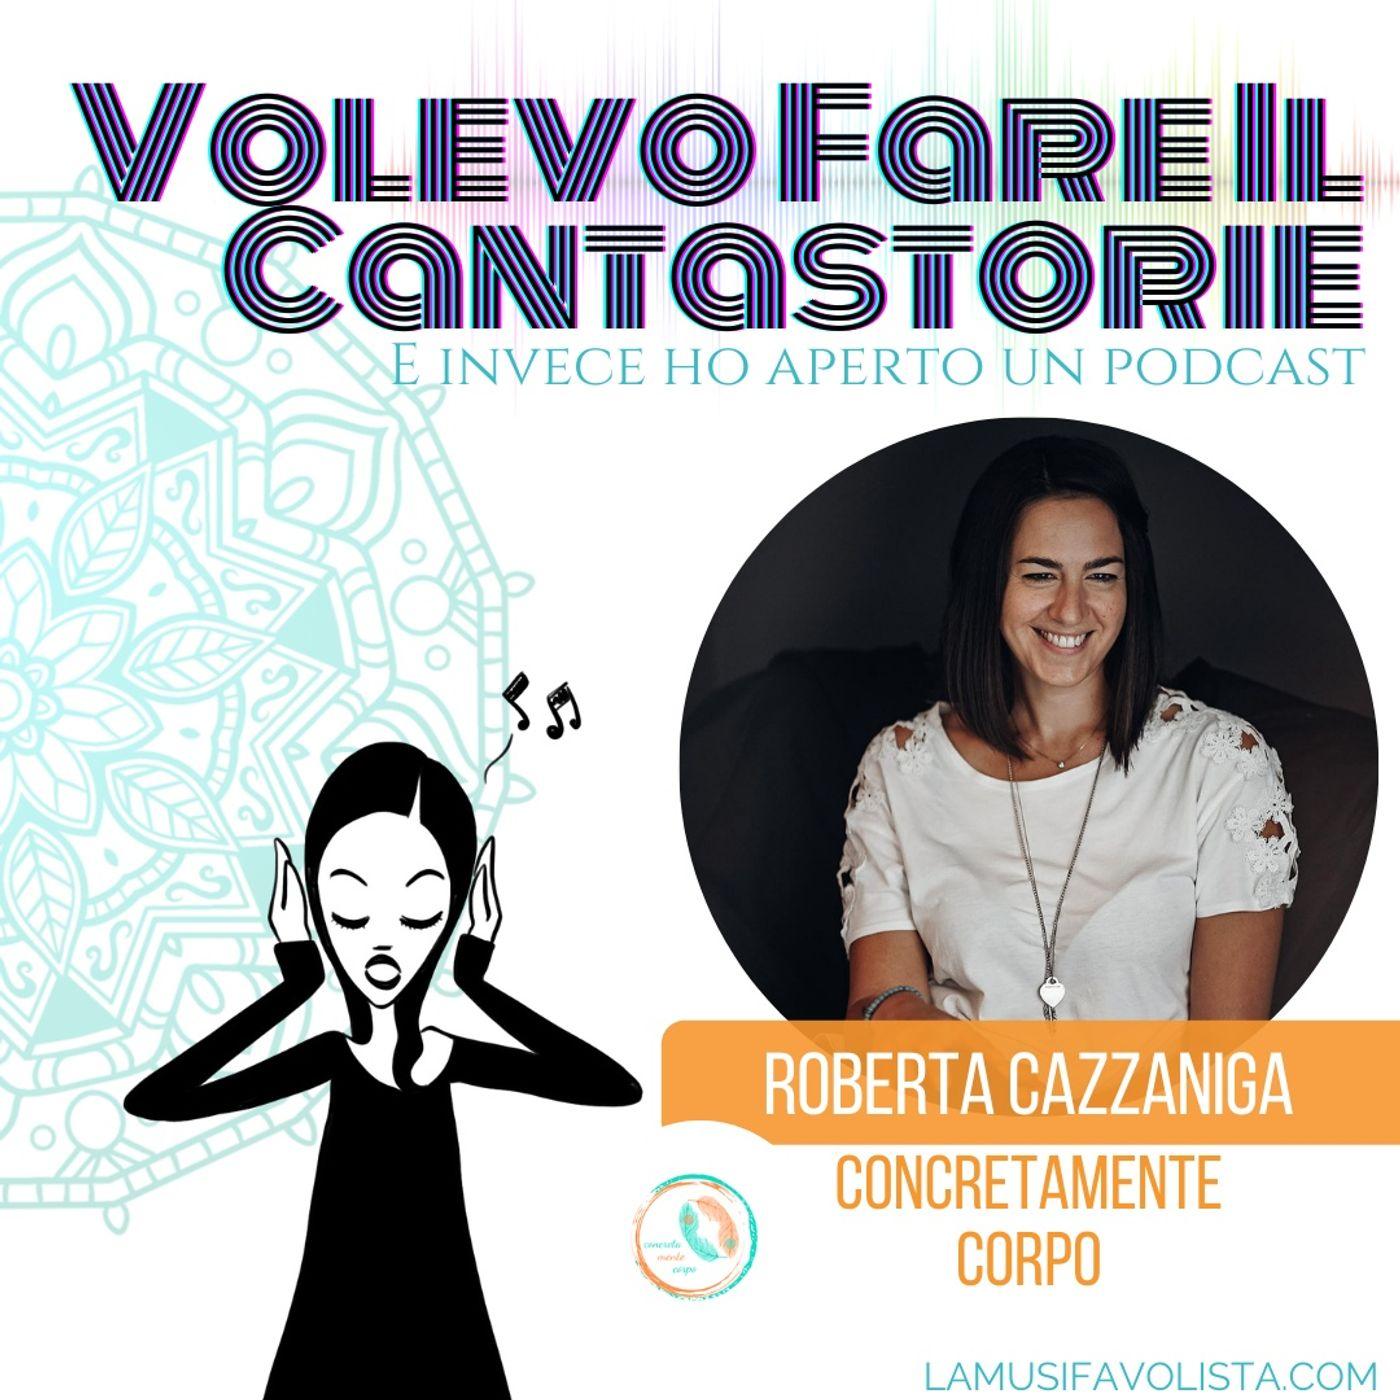 VOLEVO FARE IL CANTASTORIE • Intervista con Roberta Cazzaniga #concretamentecorpo